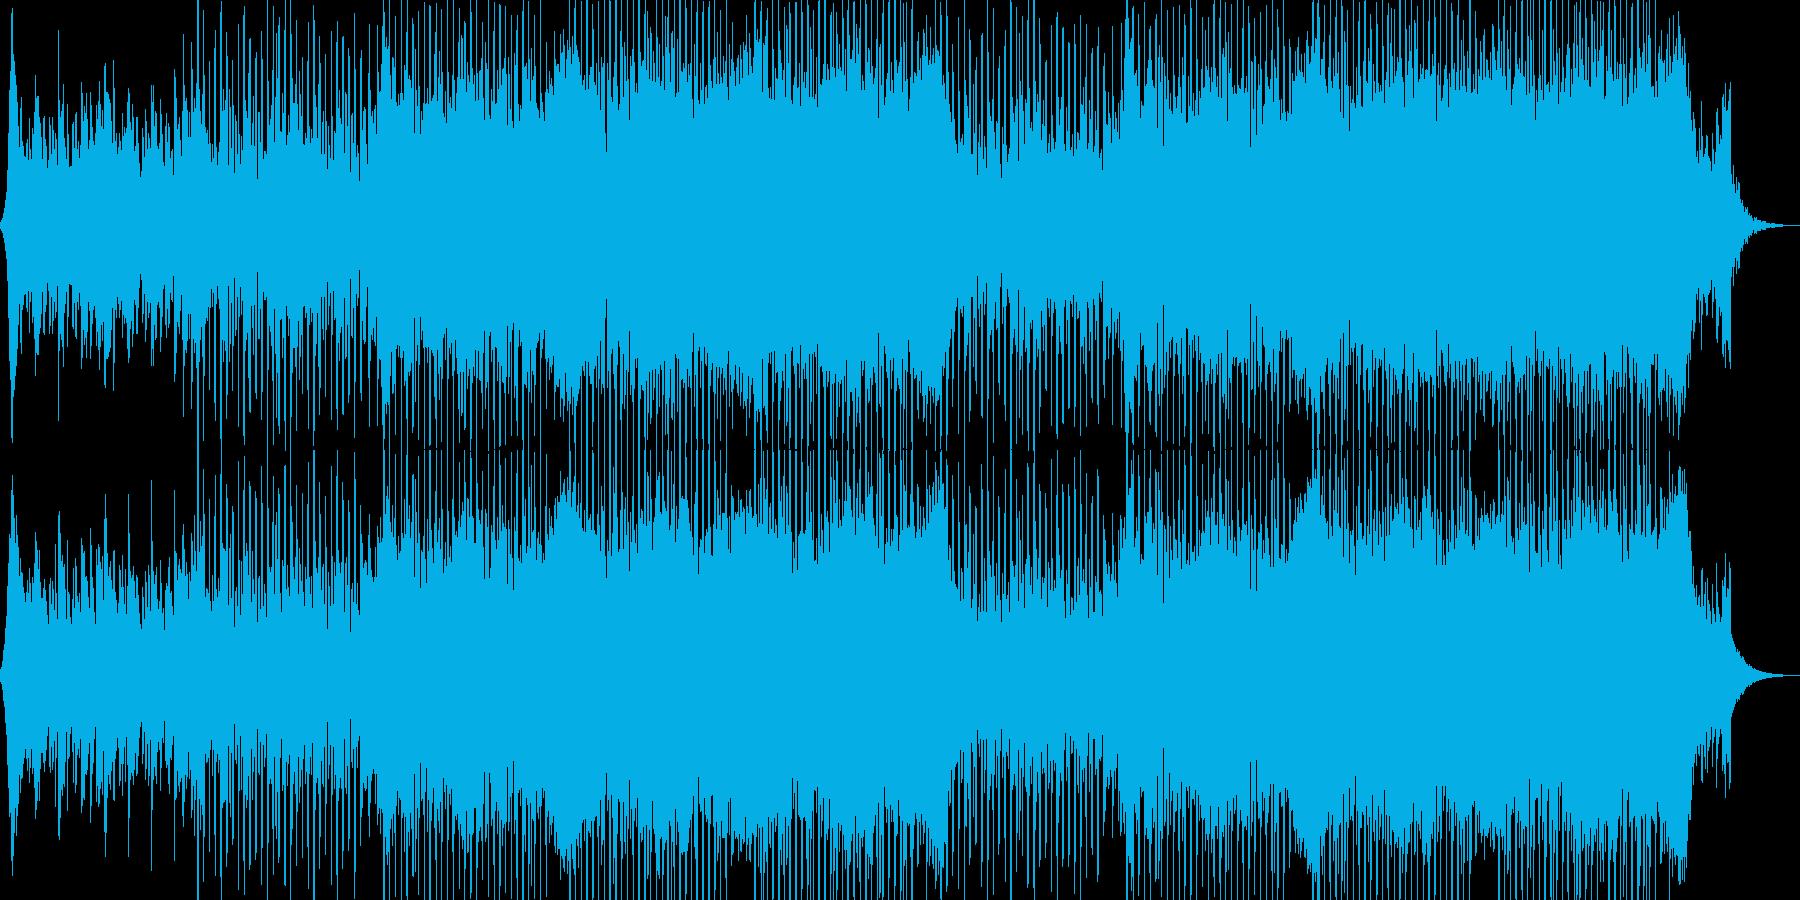 企業VP系43、爽やかギター4つ打ちaの再生済みの波形